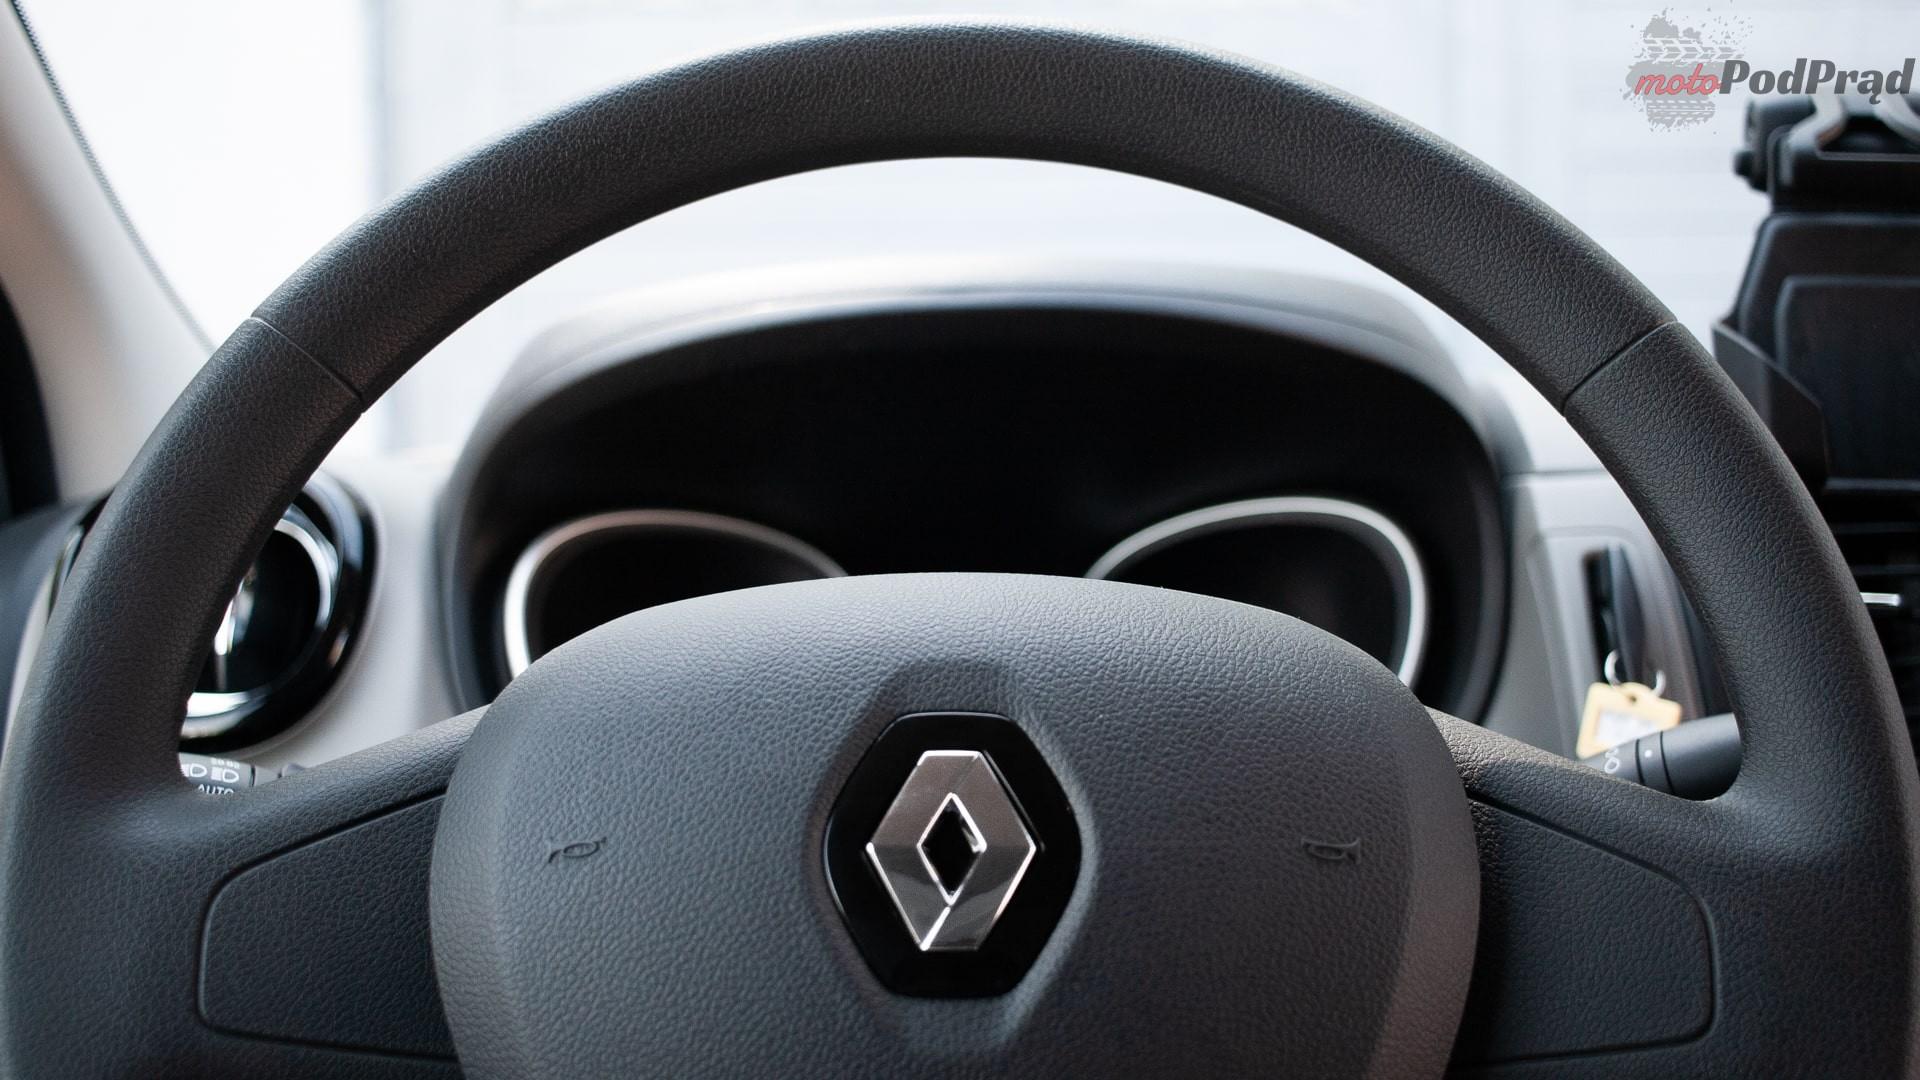 renault trafic 8 min Test: Renault Trafic furgon z zabudową Renault Tech – mobilny serwis